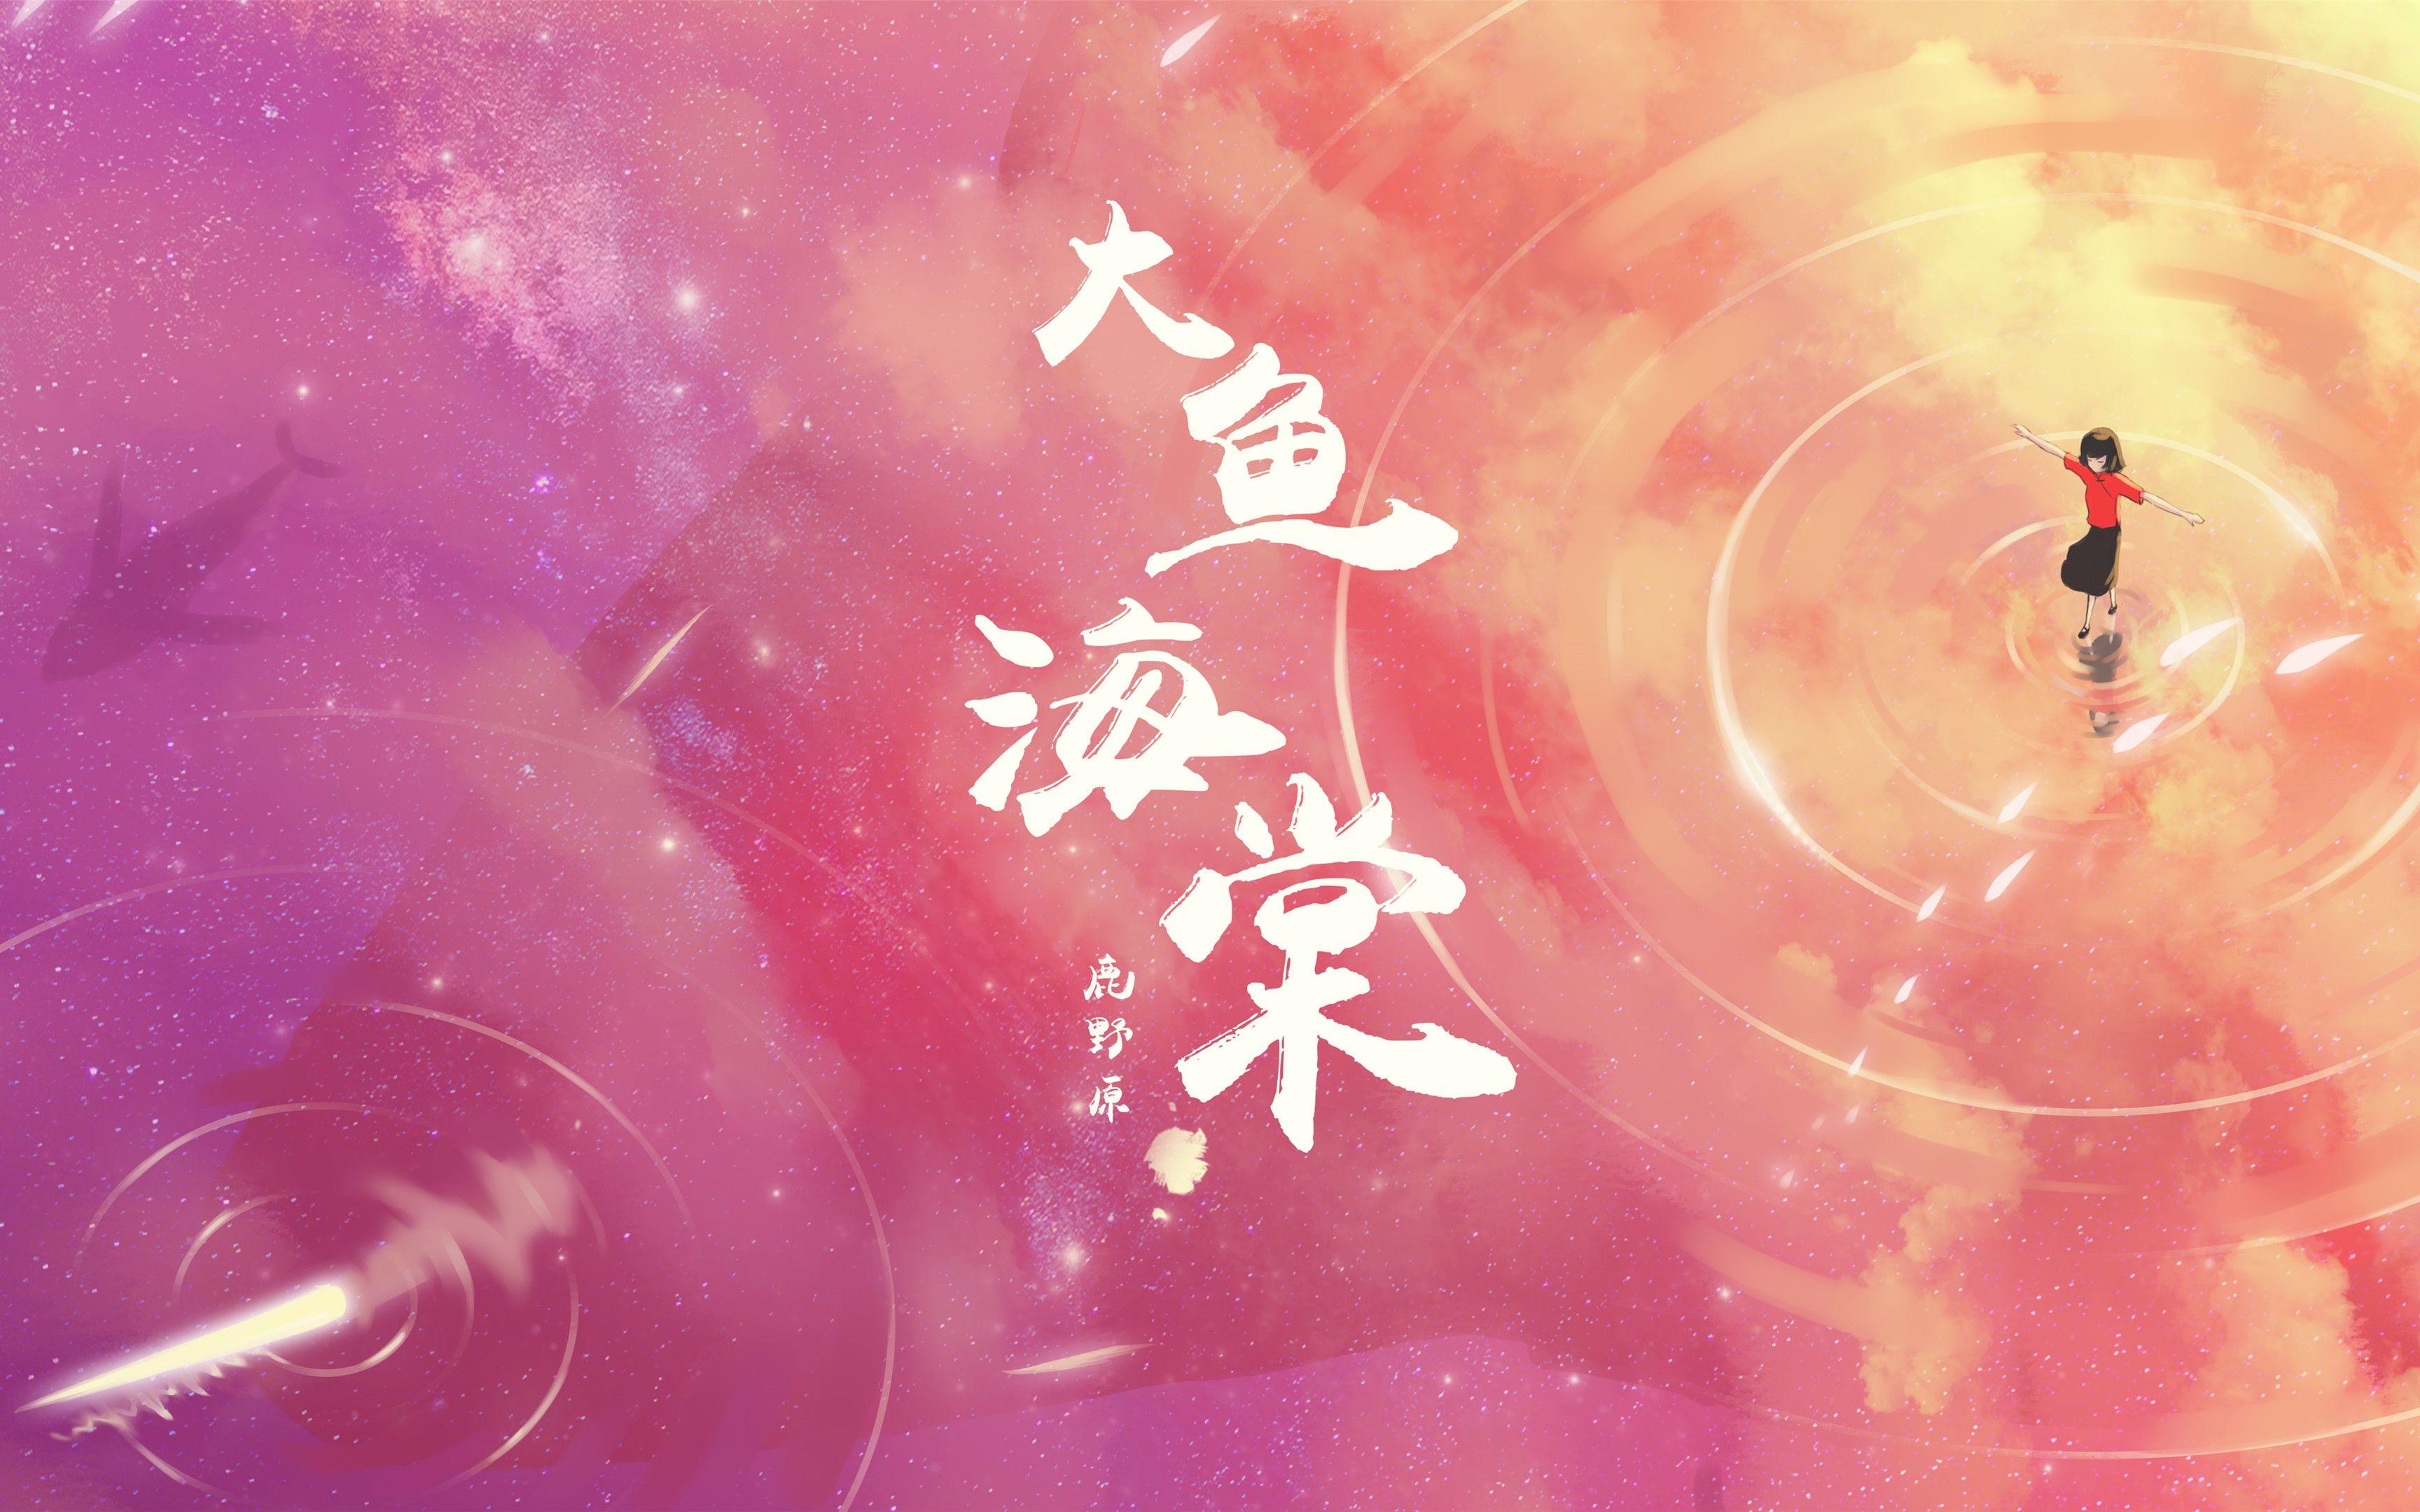 【狐妖小紅娘】月紅印象曲 緣結大魚海棠圖片